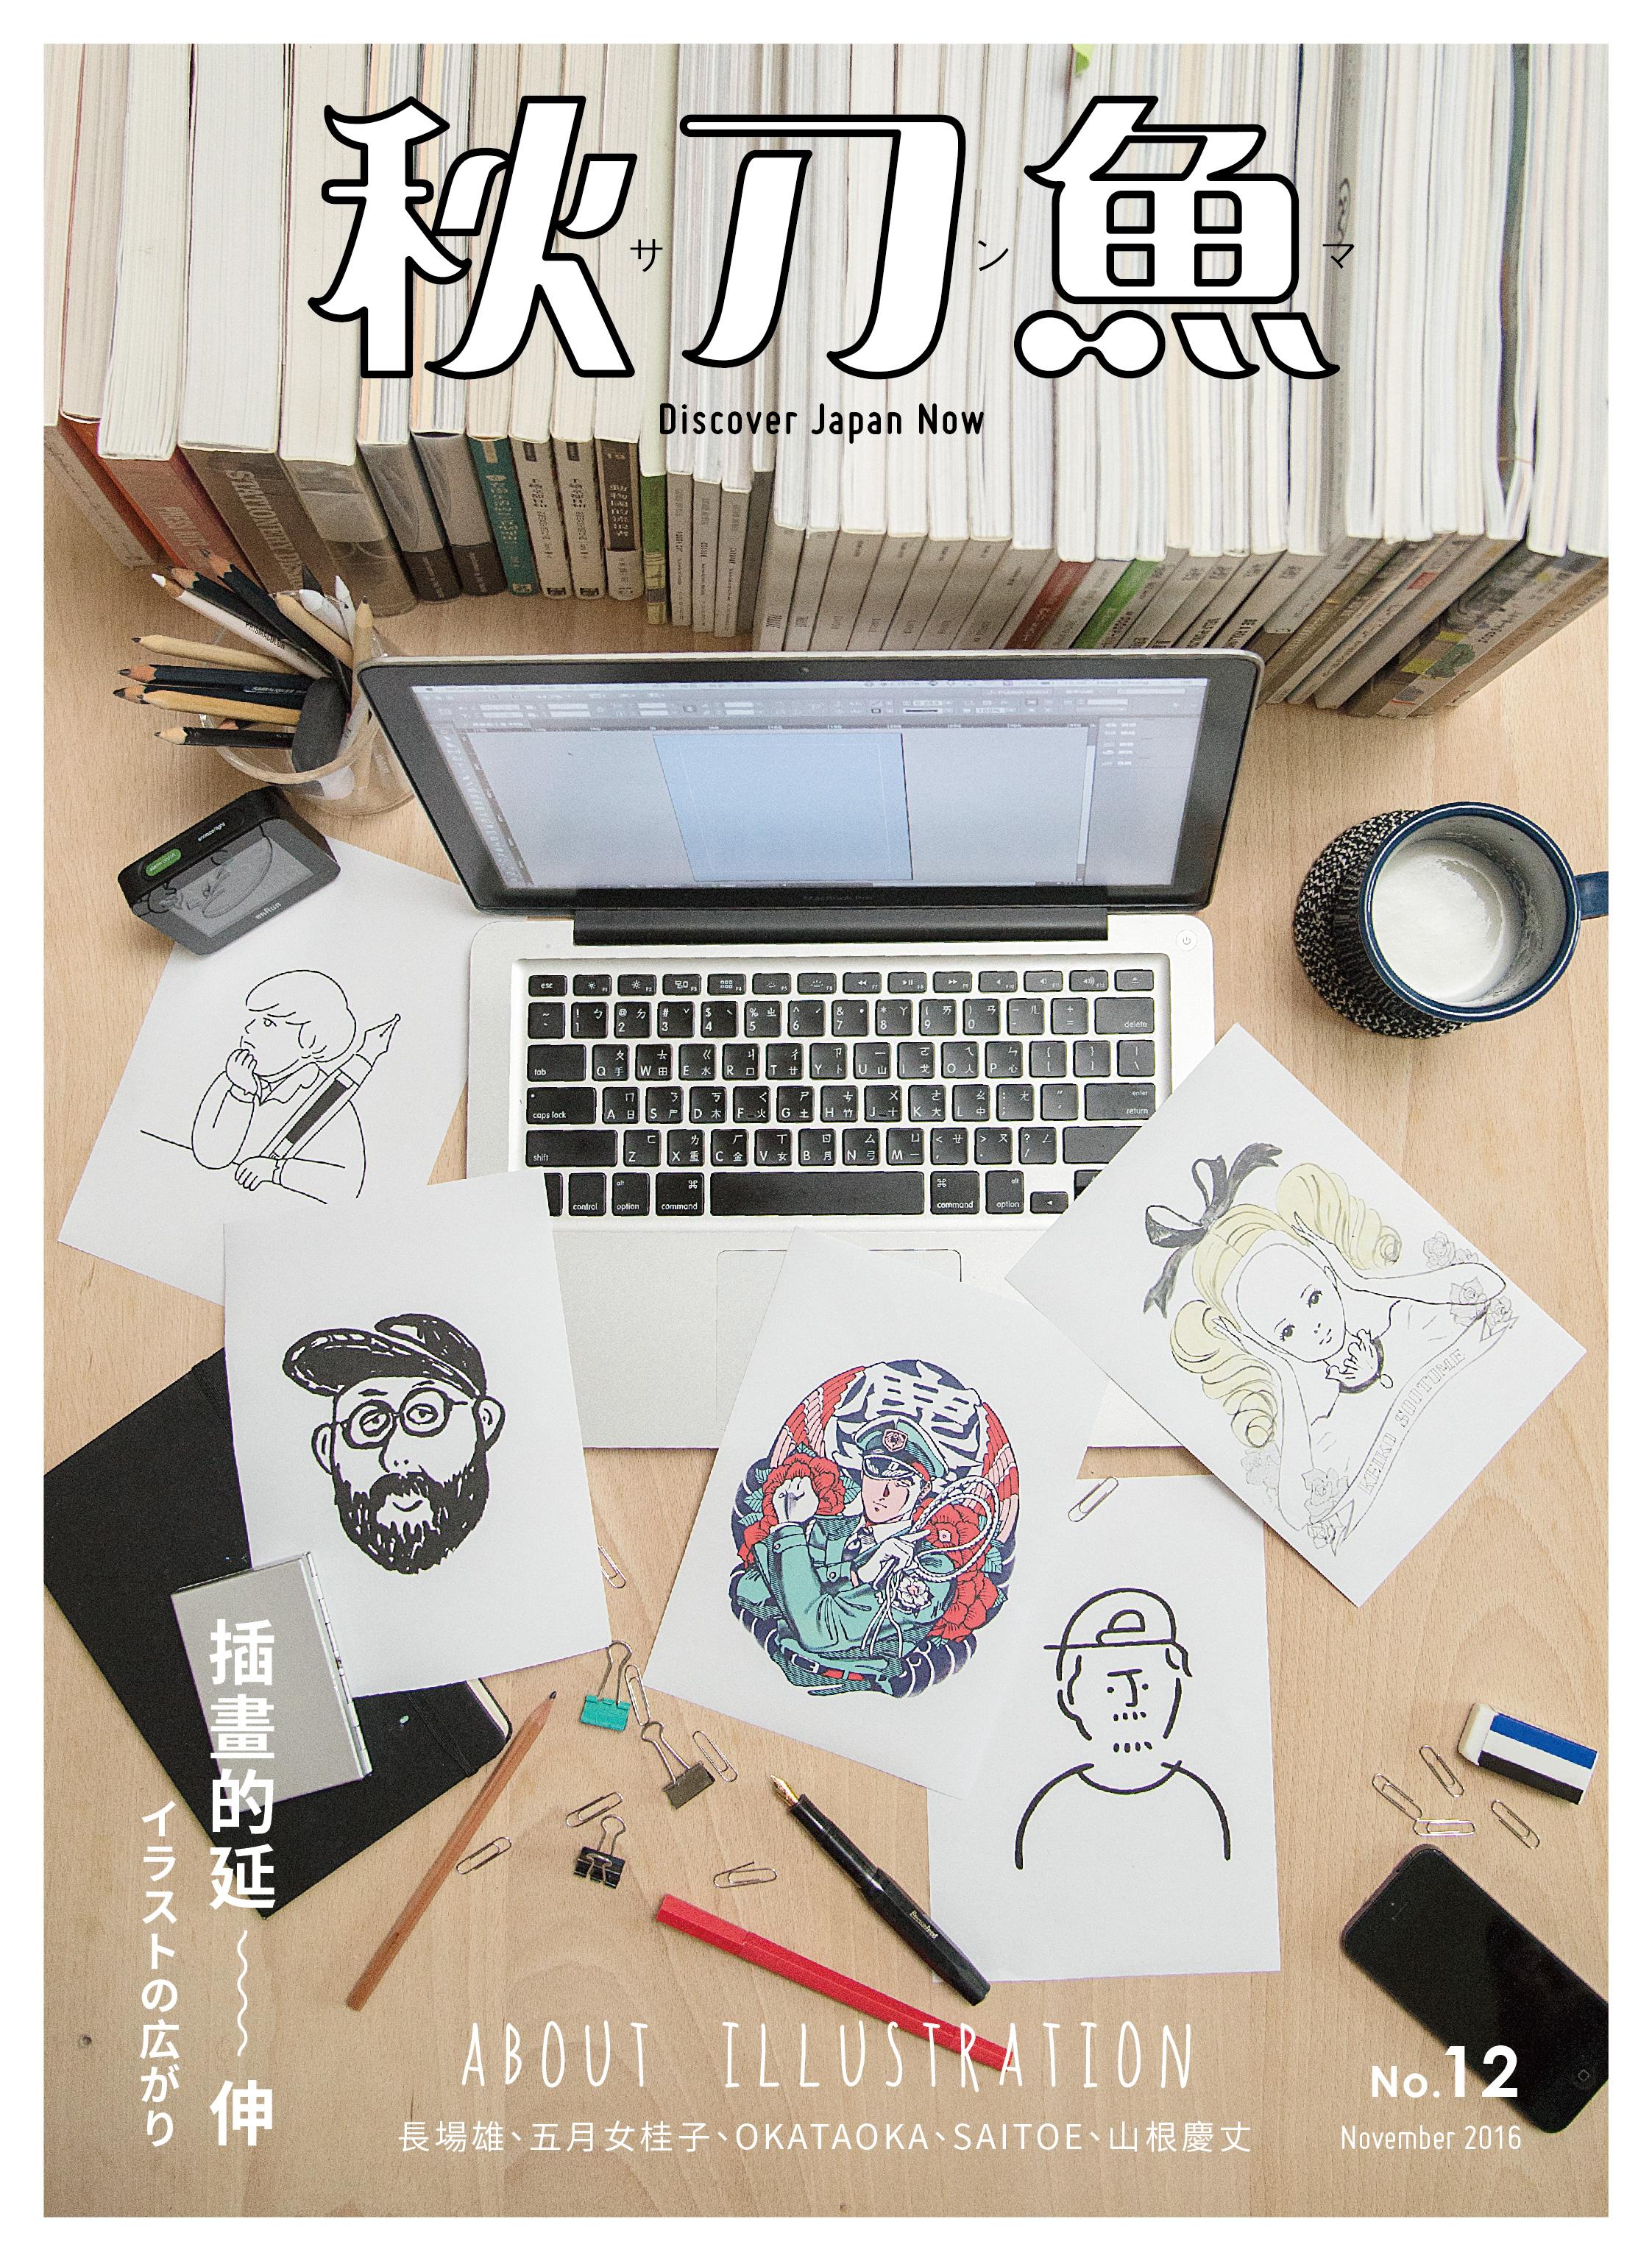 2016年11月號第12期 〈插畫的延伸〉